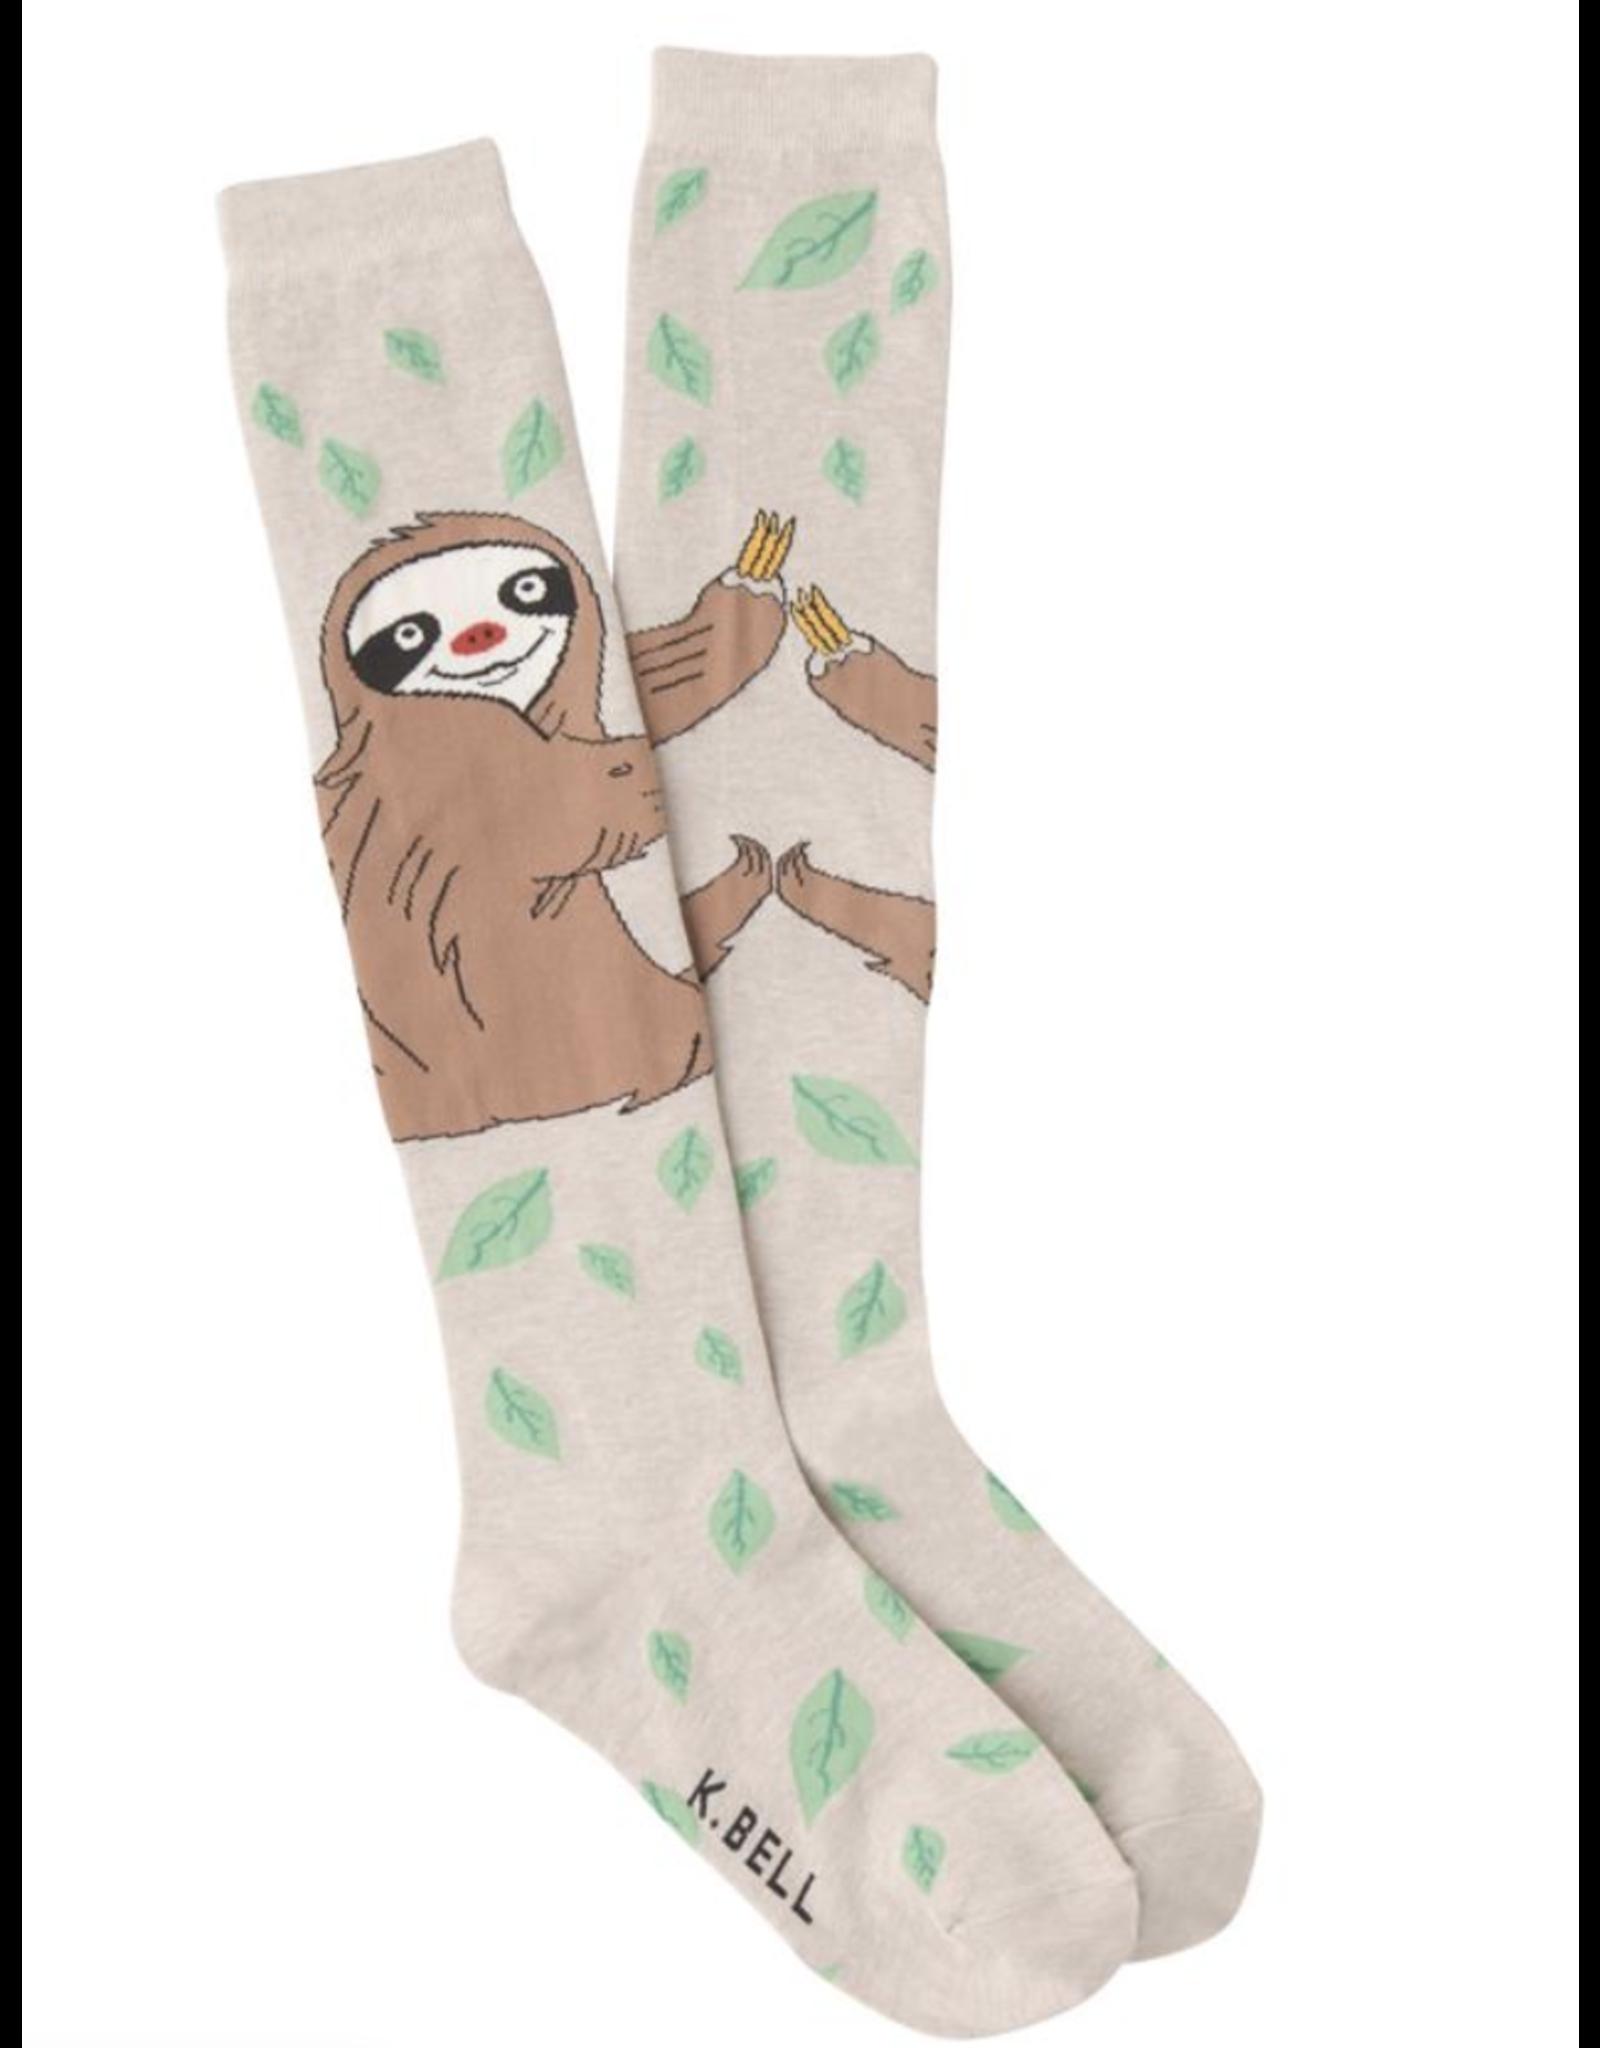 Hot Sox Sloth Knee High